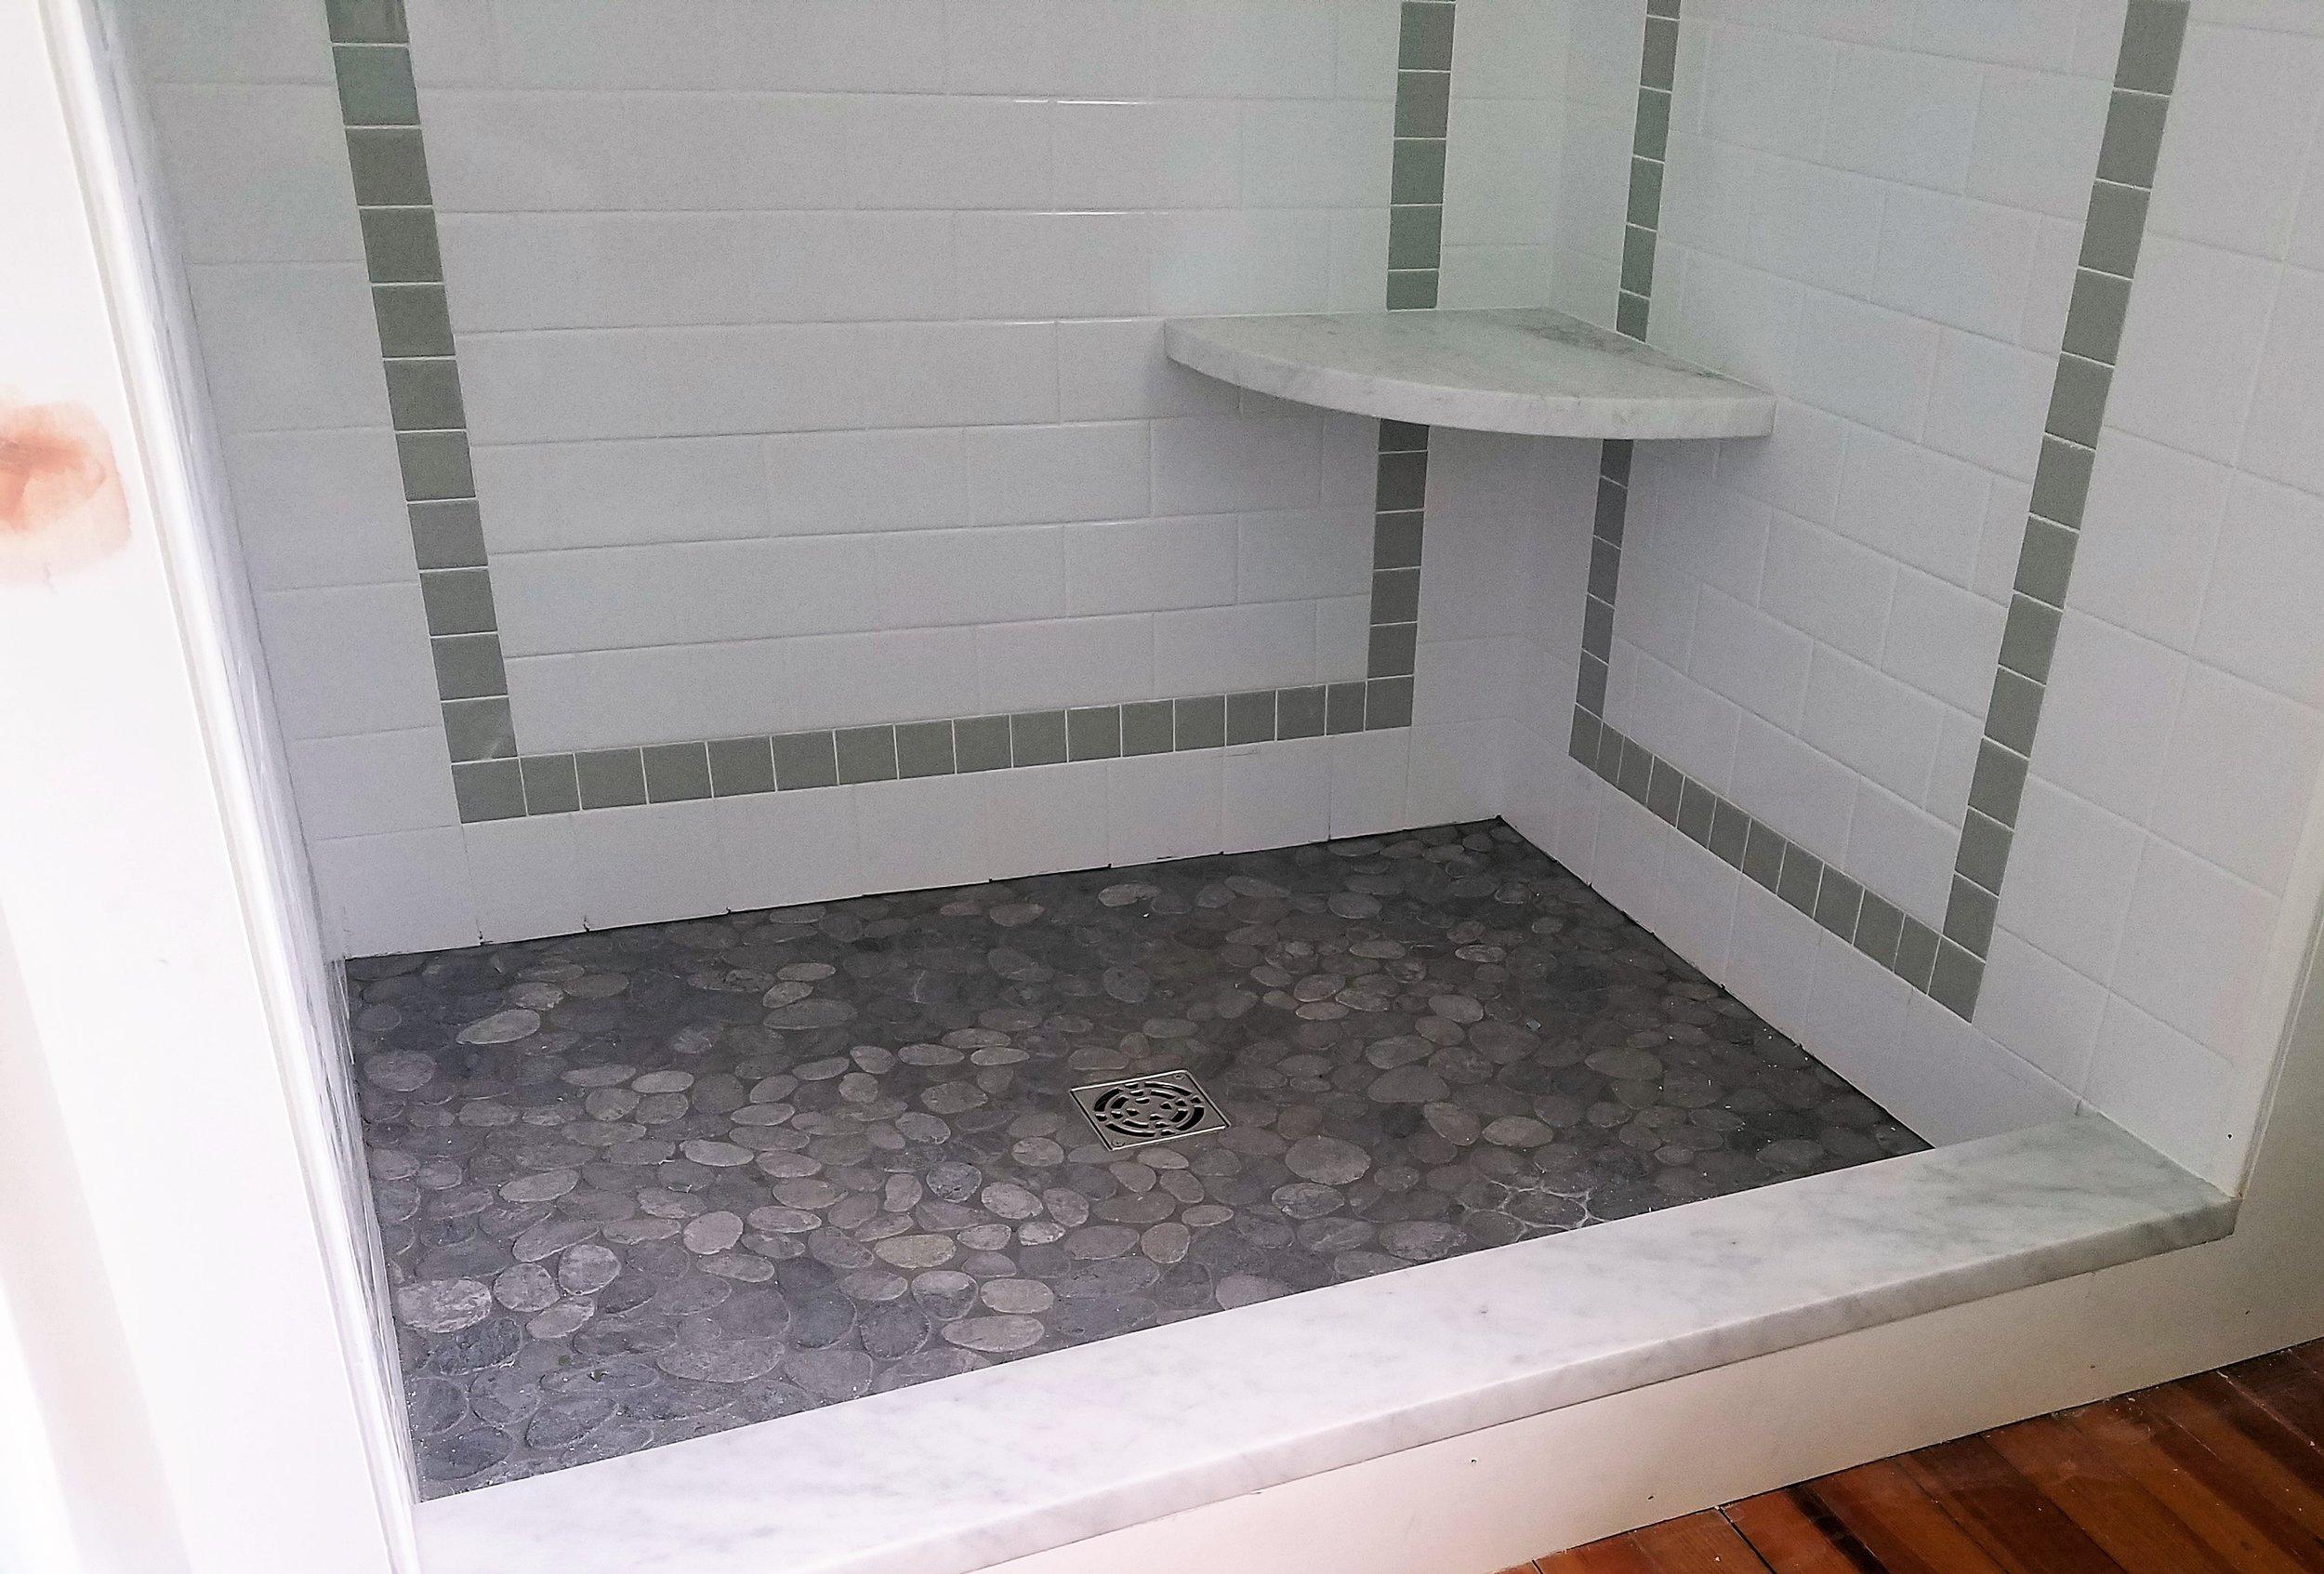 Inkedtiled shower4_LI.jpg